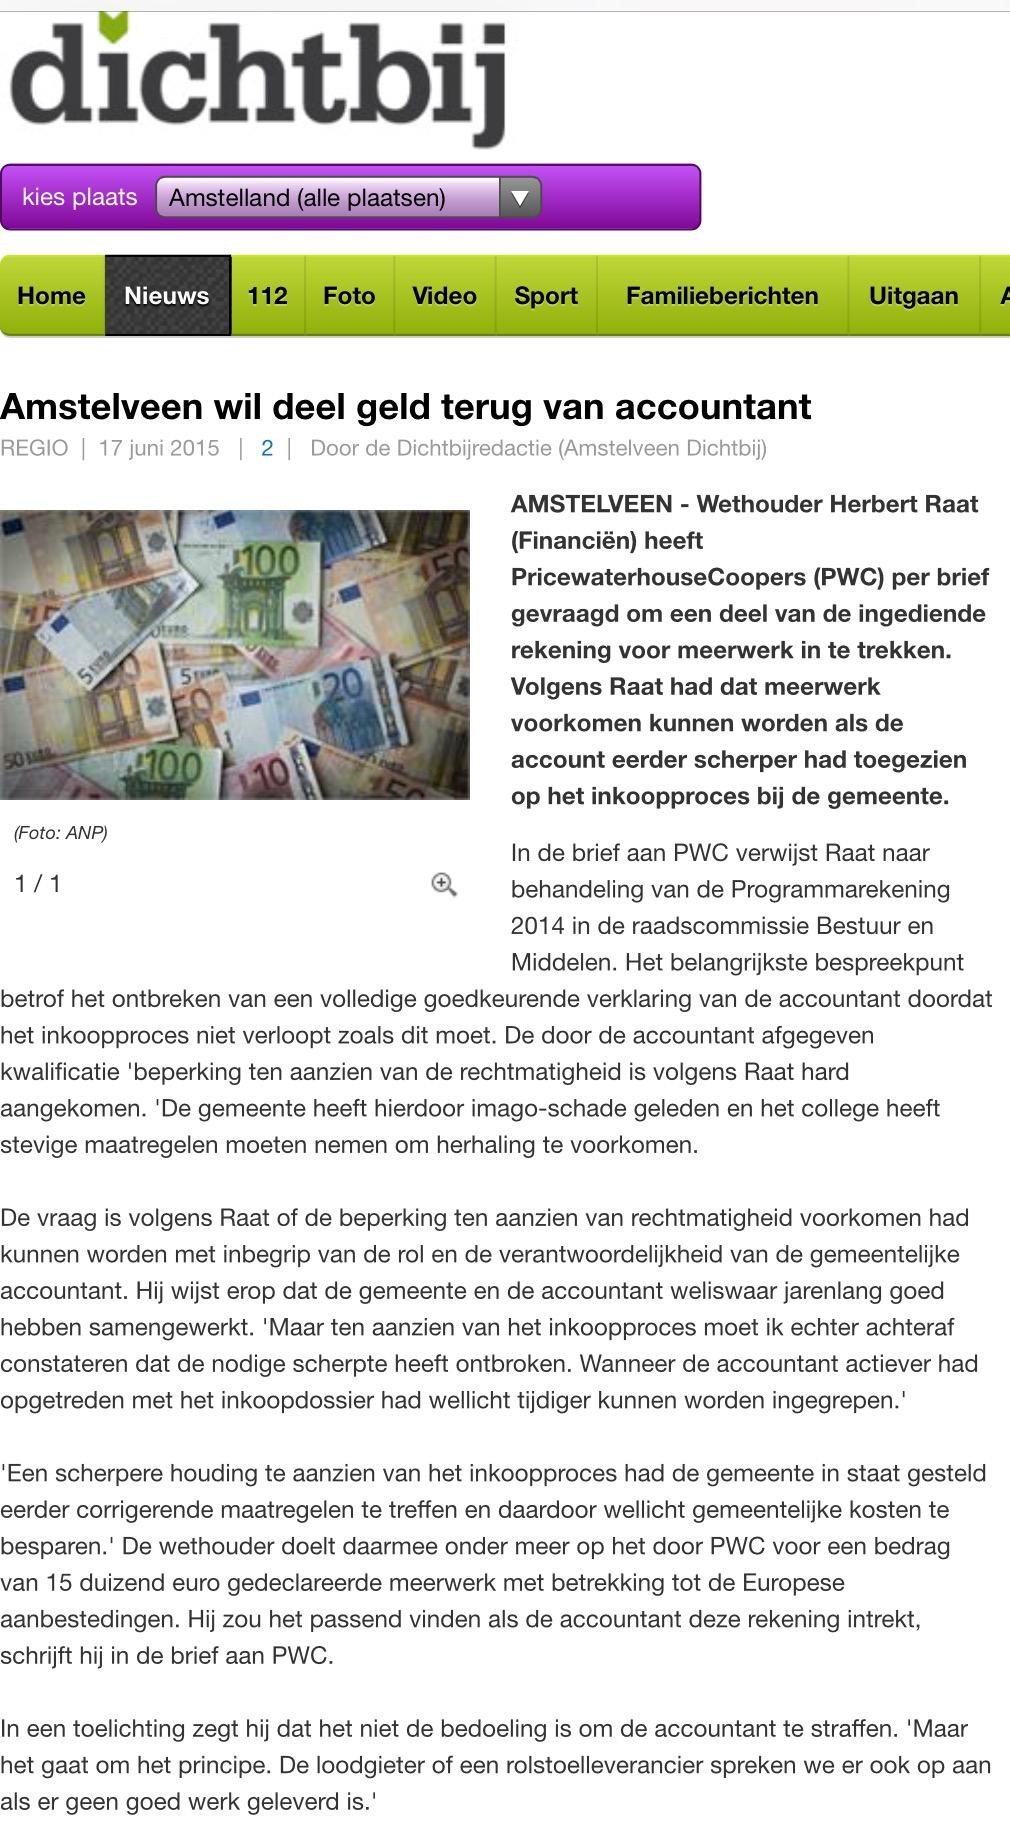 2015 17 JUNI AMSTELVEENDICHTBIJ; Herbert Raat over geld terug van PWC